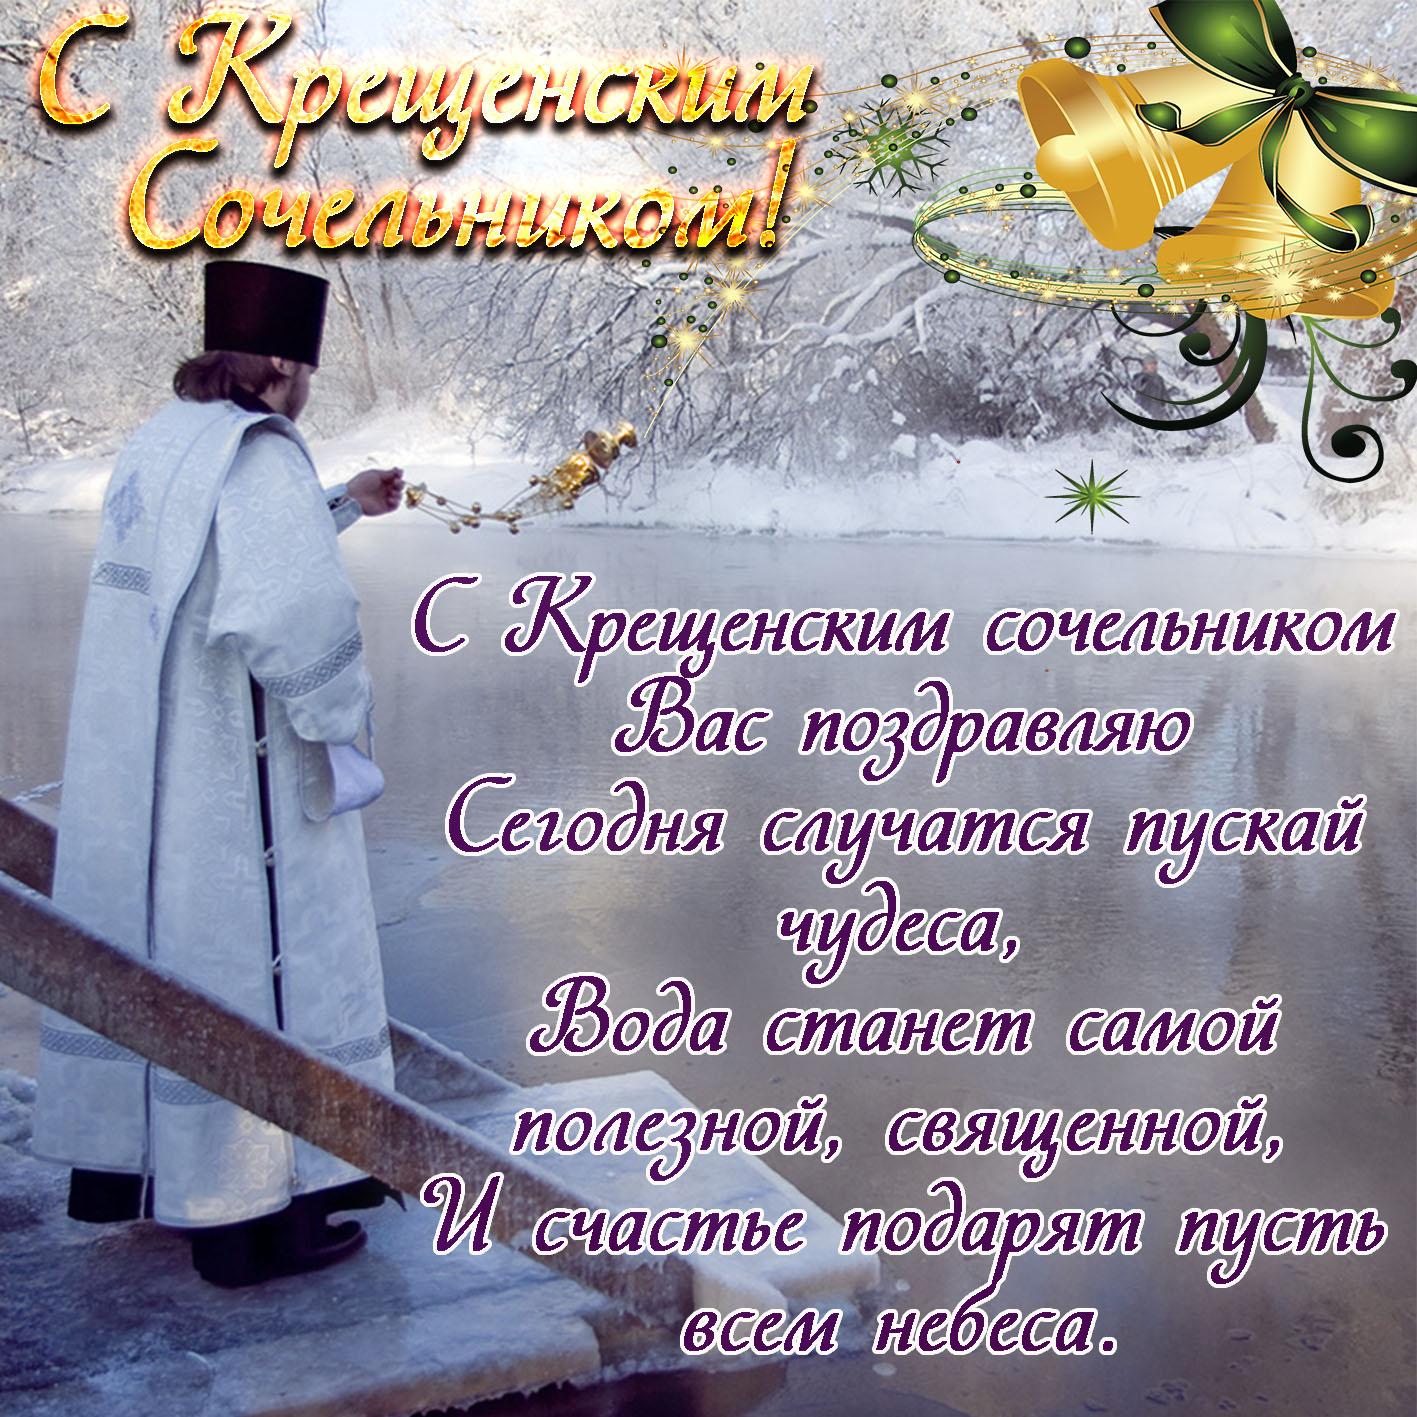 С крещенским сочельником поздравление в картинках